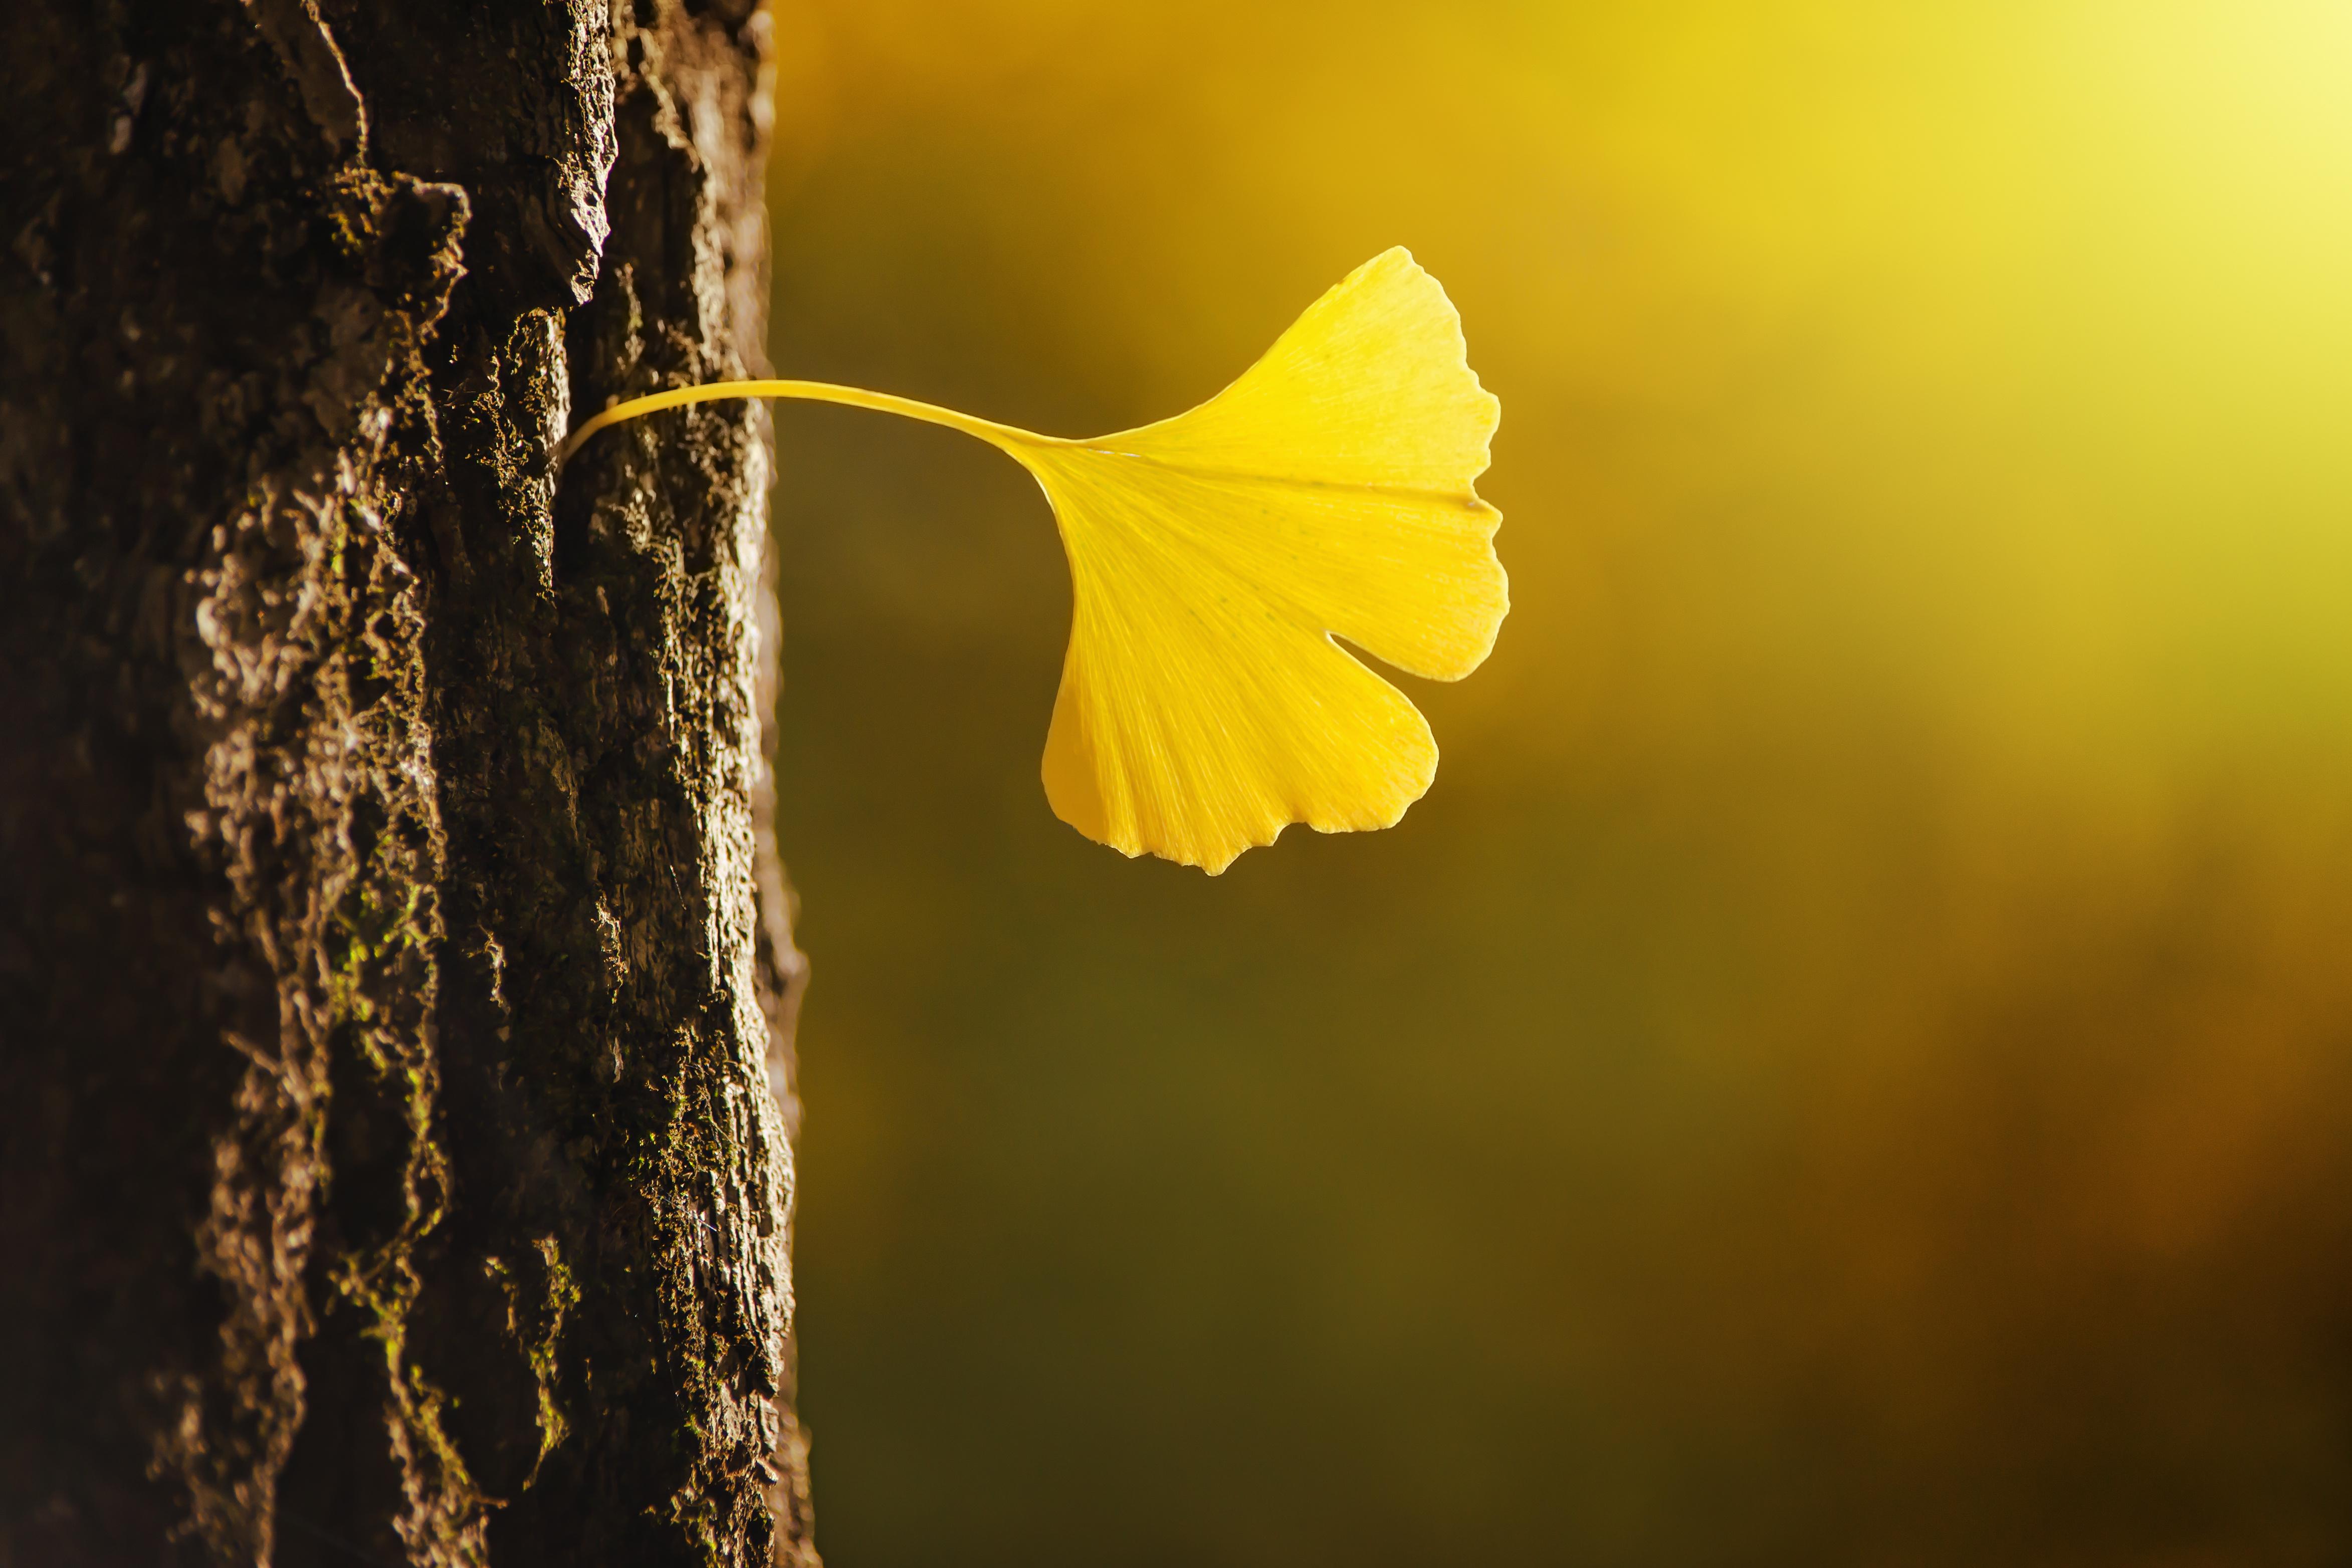 © batke82as - Fotolia.com